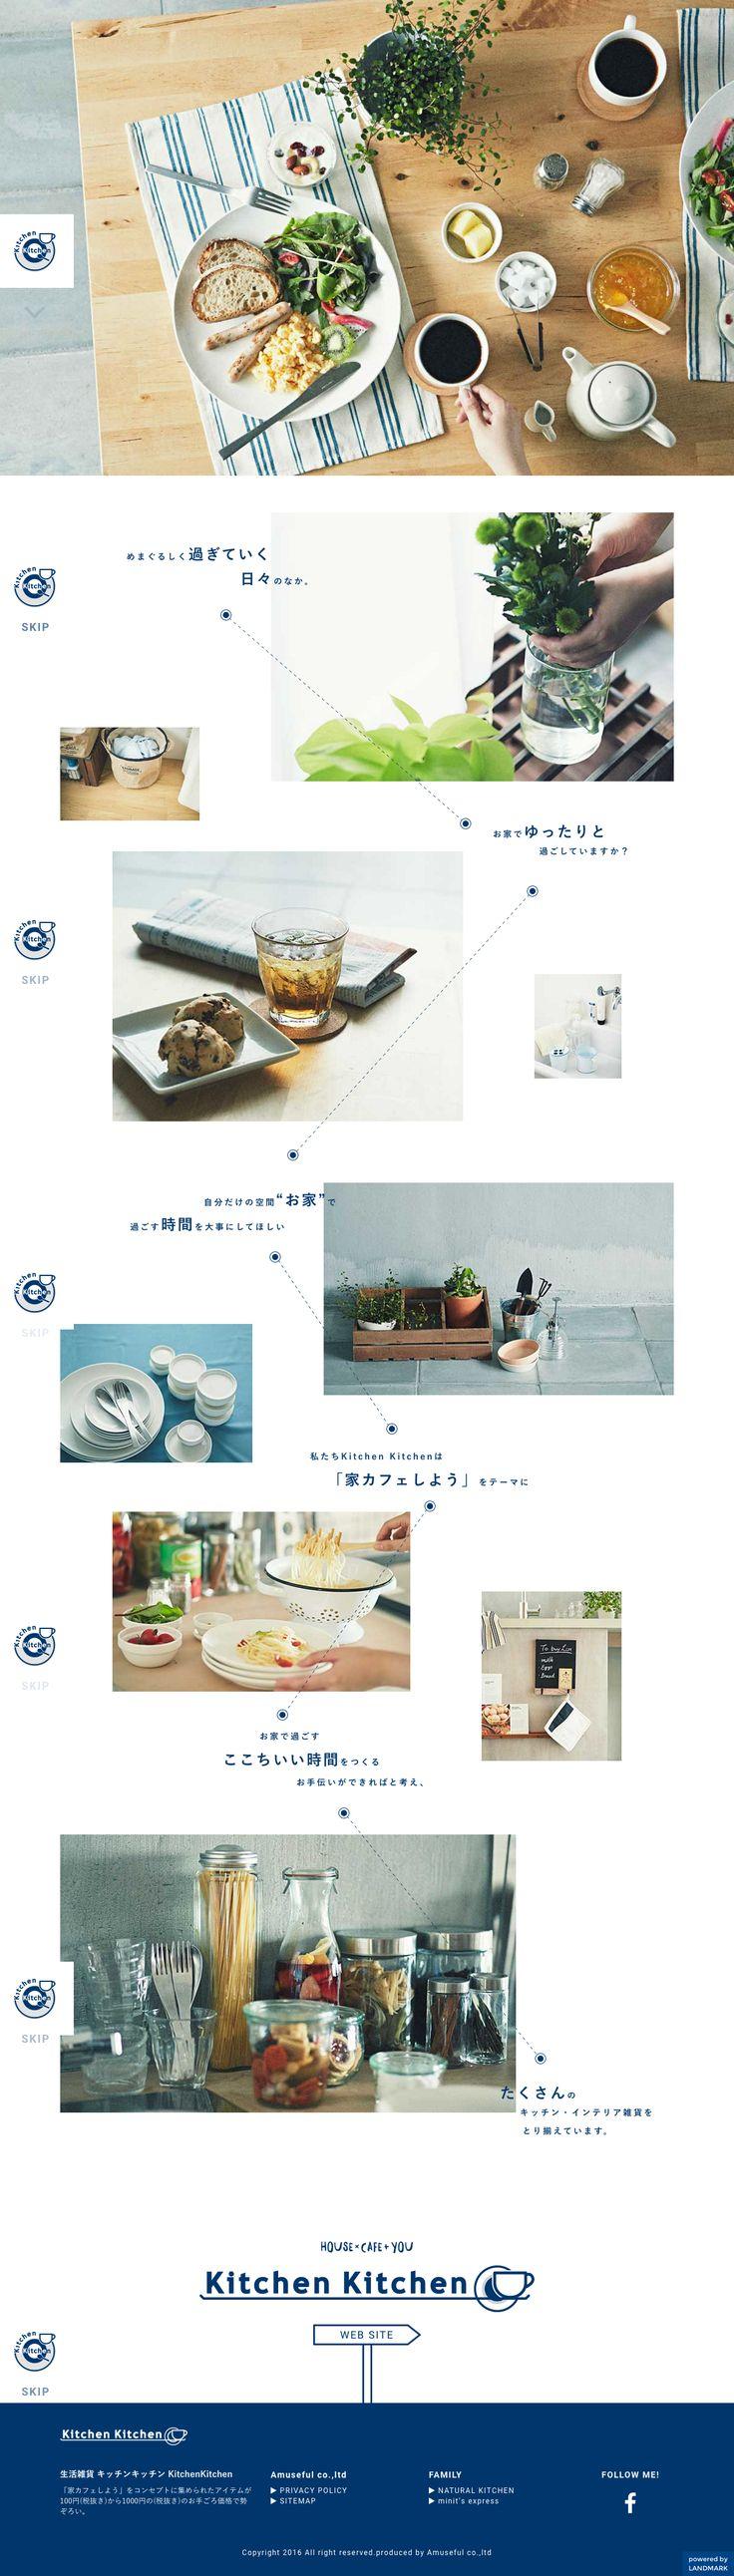 http://www.kitchen-kitchen.jp/